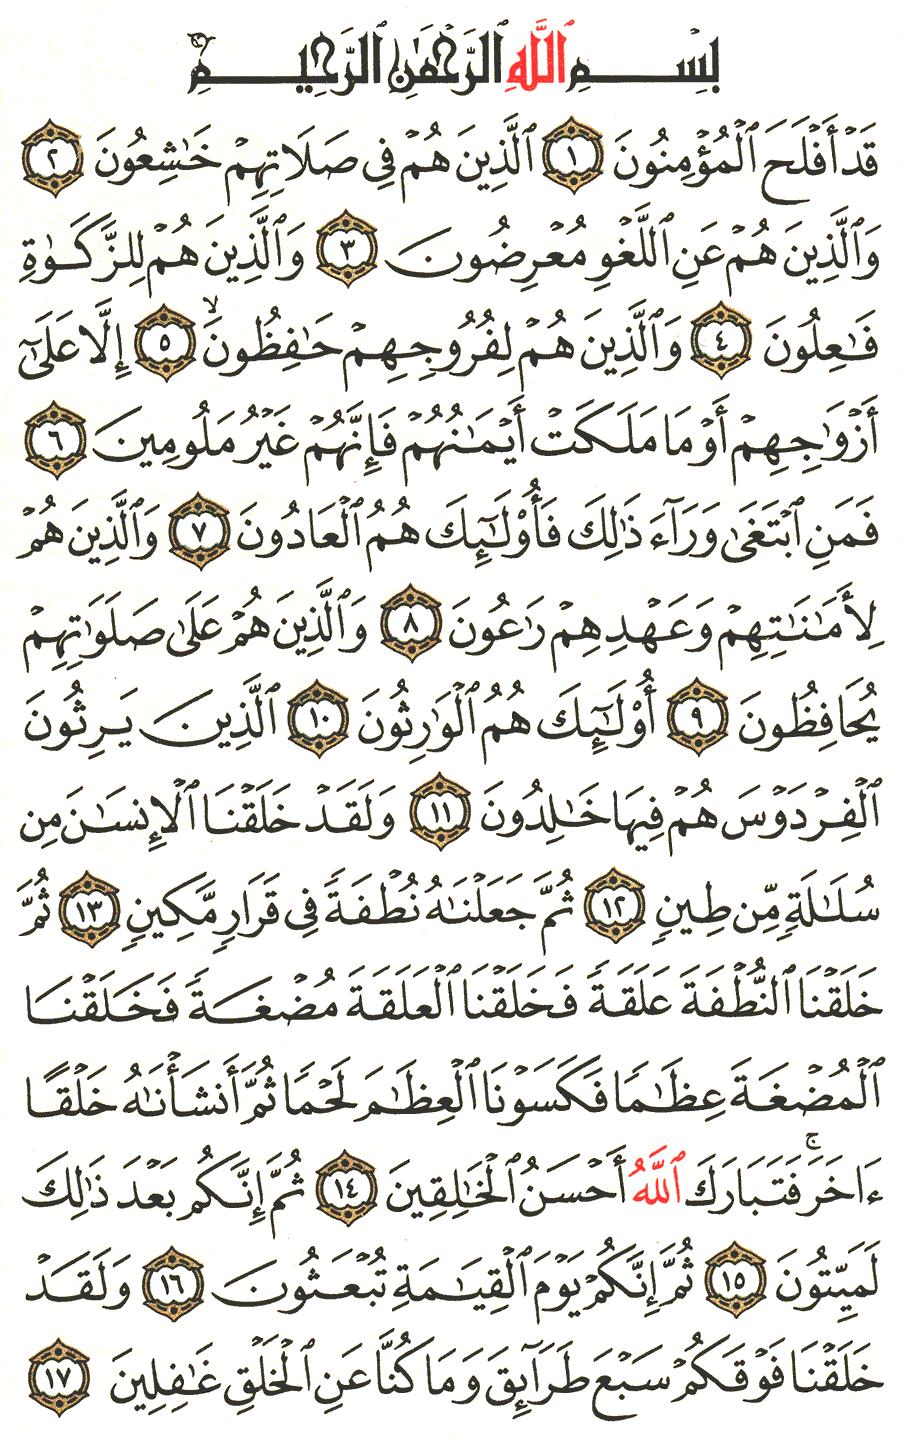 الصفحة رقم 342  من القرآن الكريم مكتوبة من المصحف